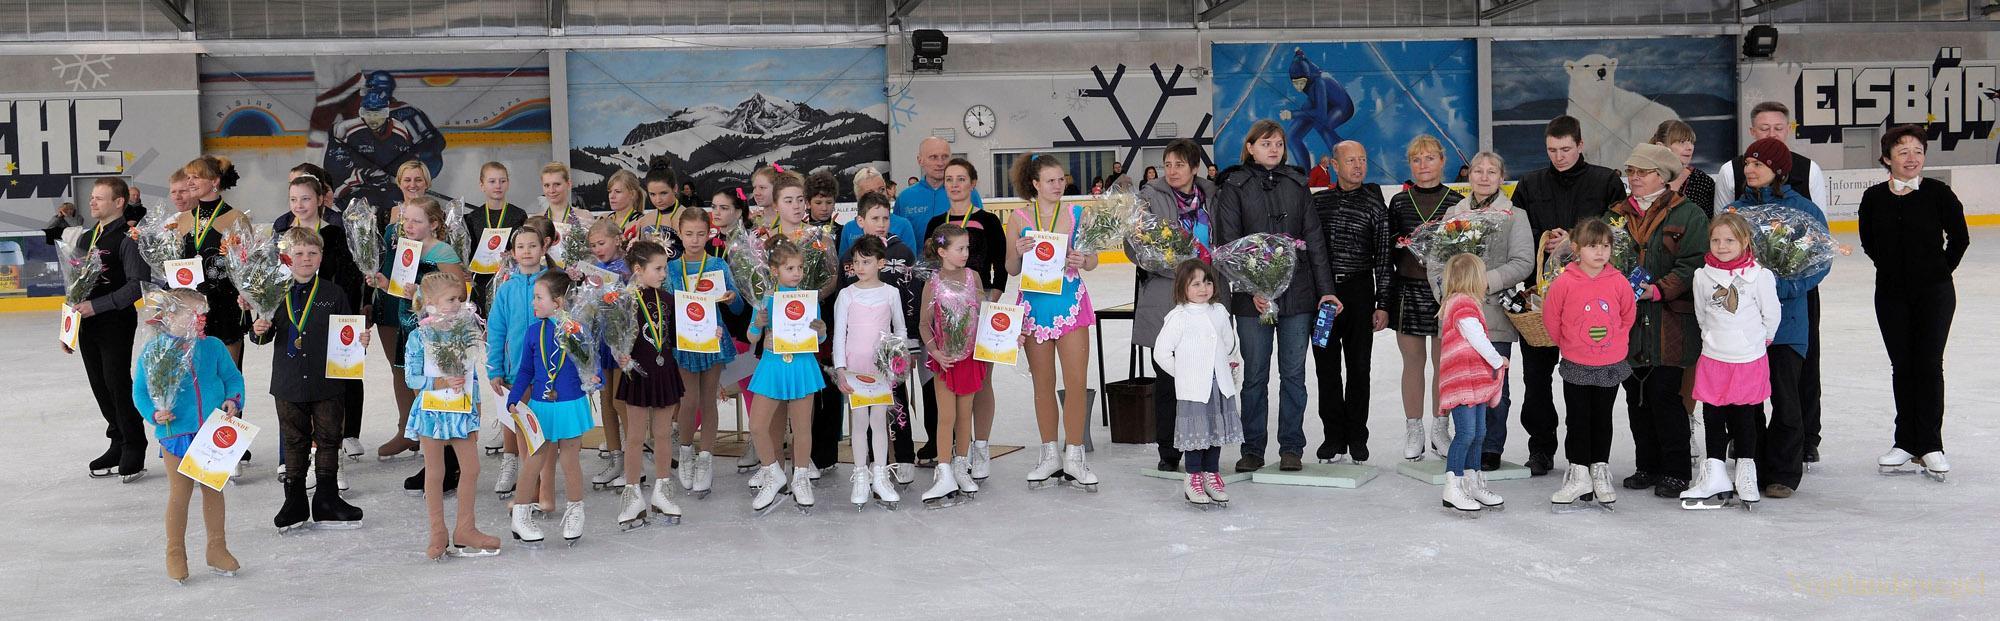 Vereinsmeisterschaften des Hainberger Sportvereins Greiz